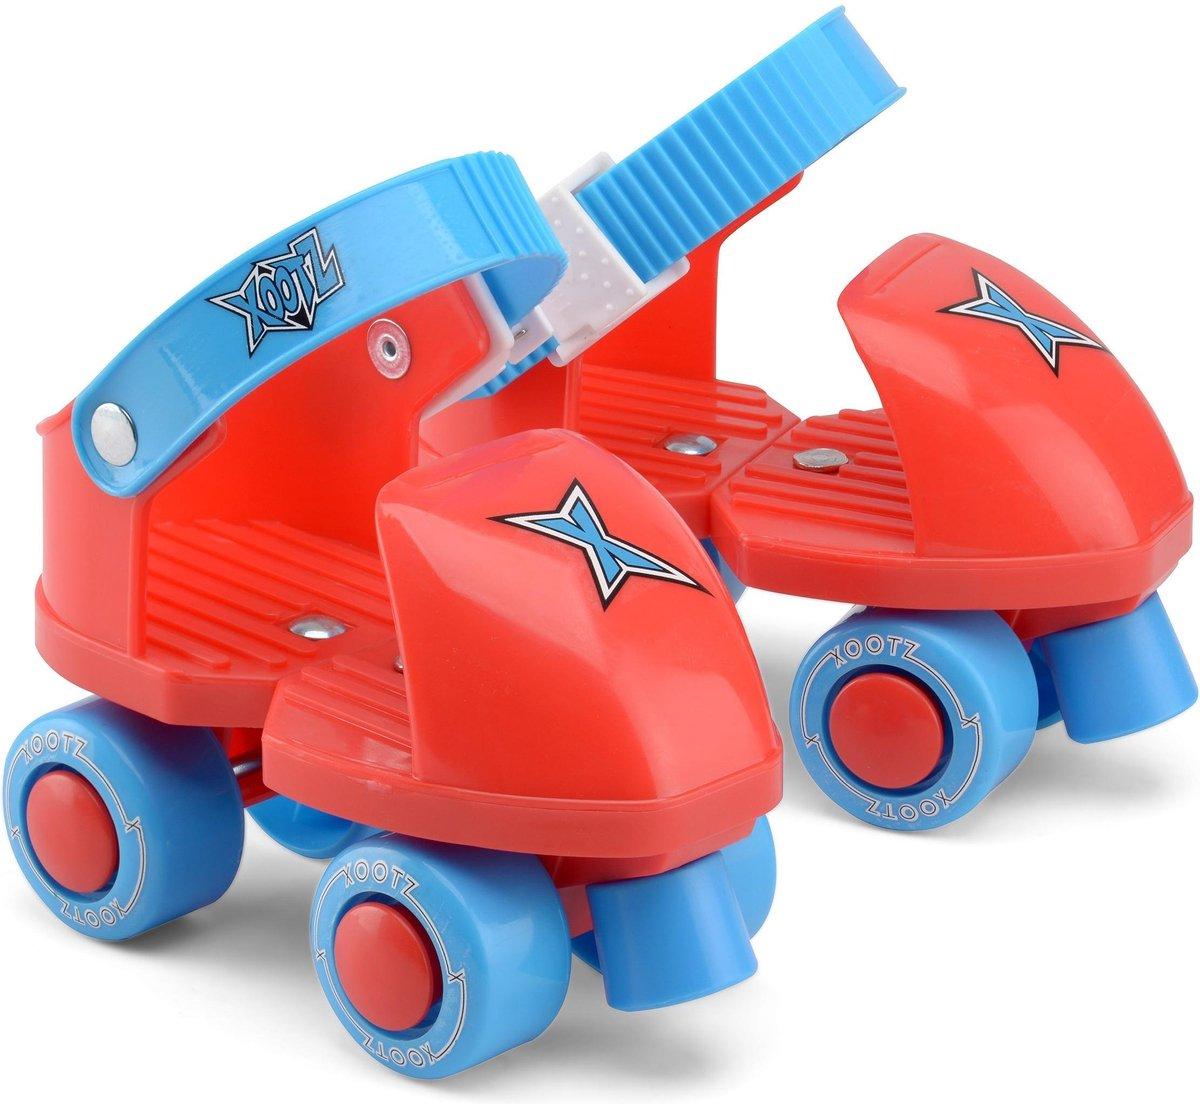 Xootz Rolschaatsen Infant Trainer Junior Rood/blauw Maat 21/27